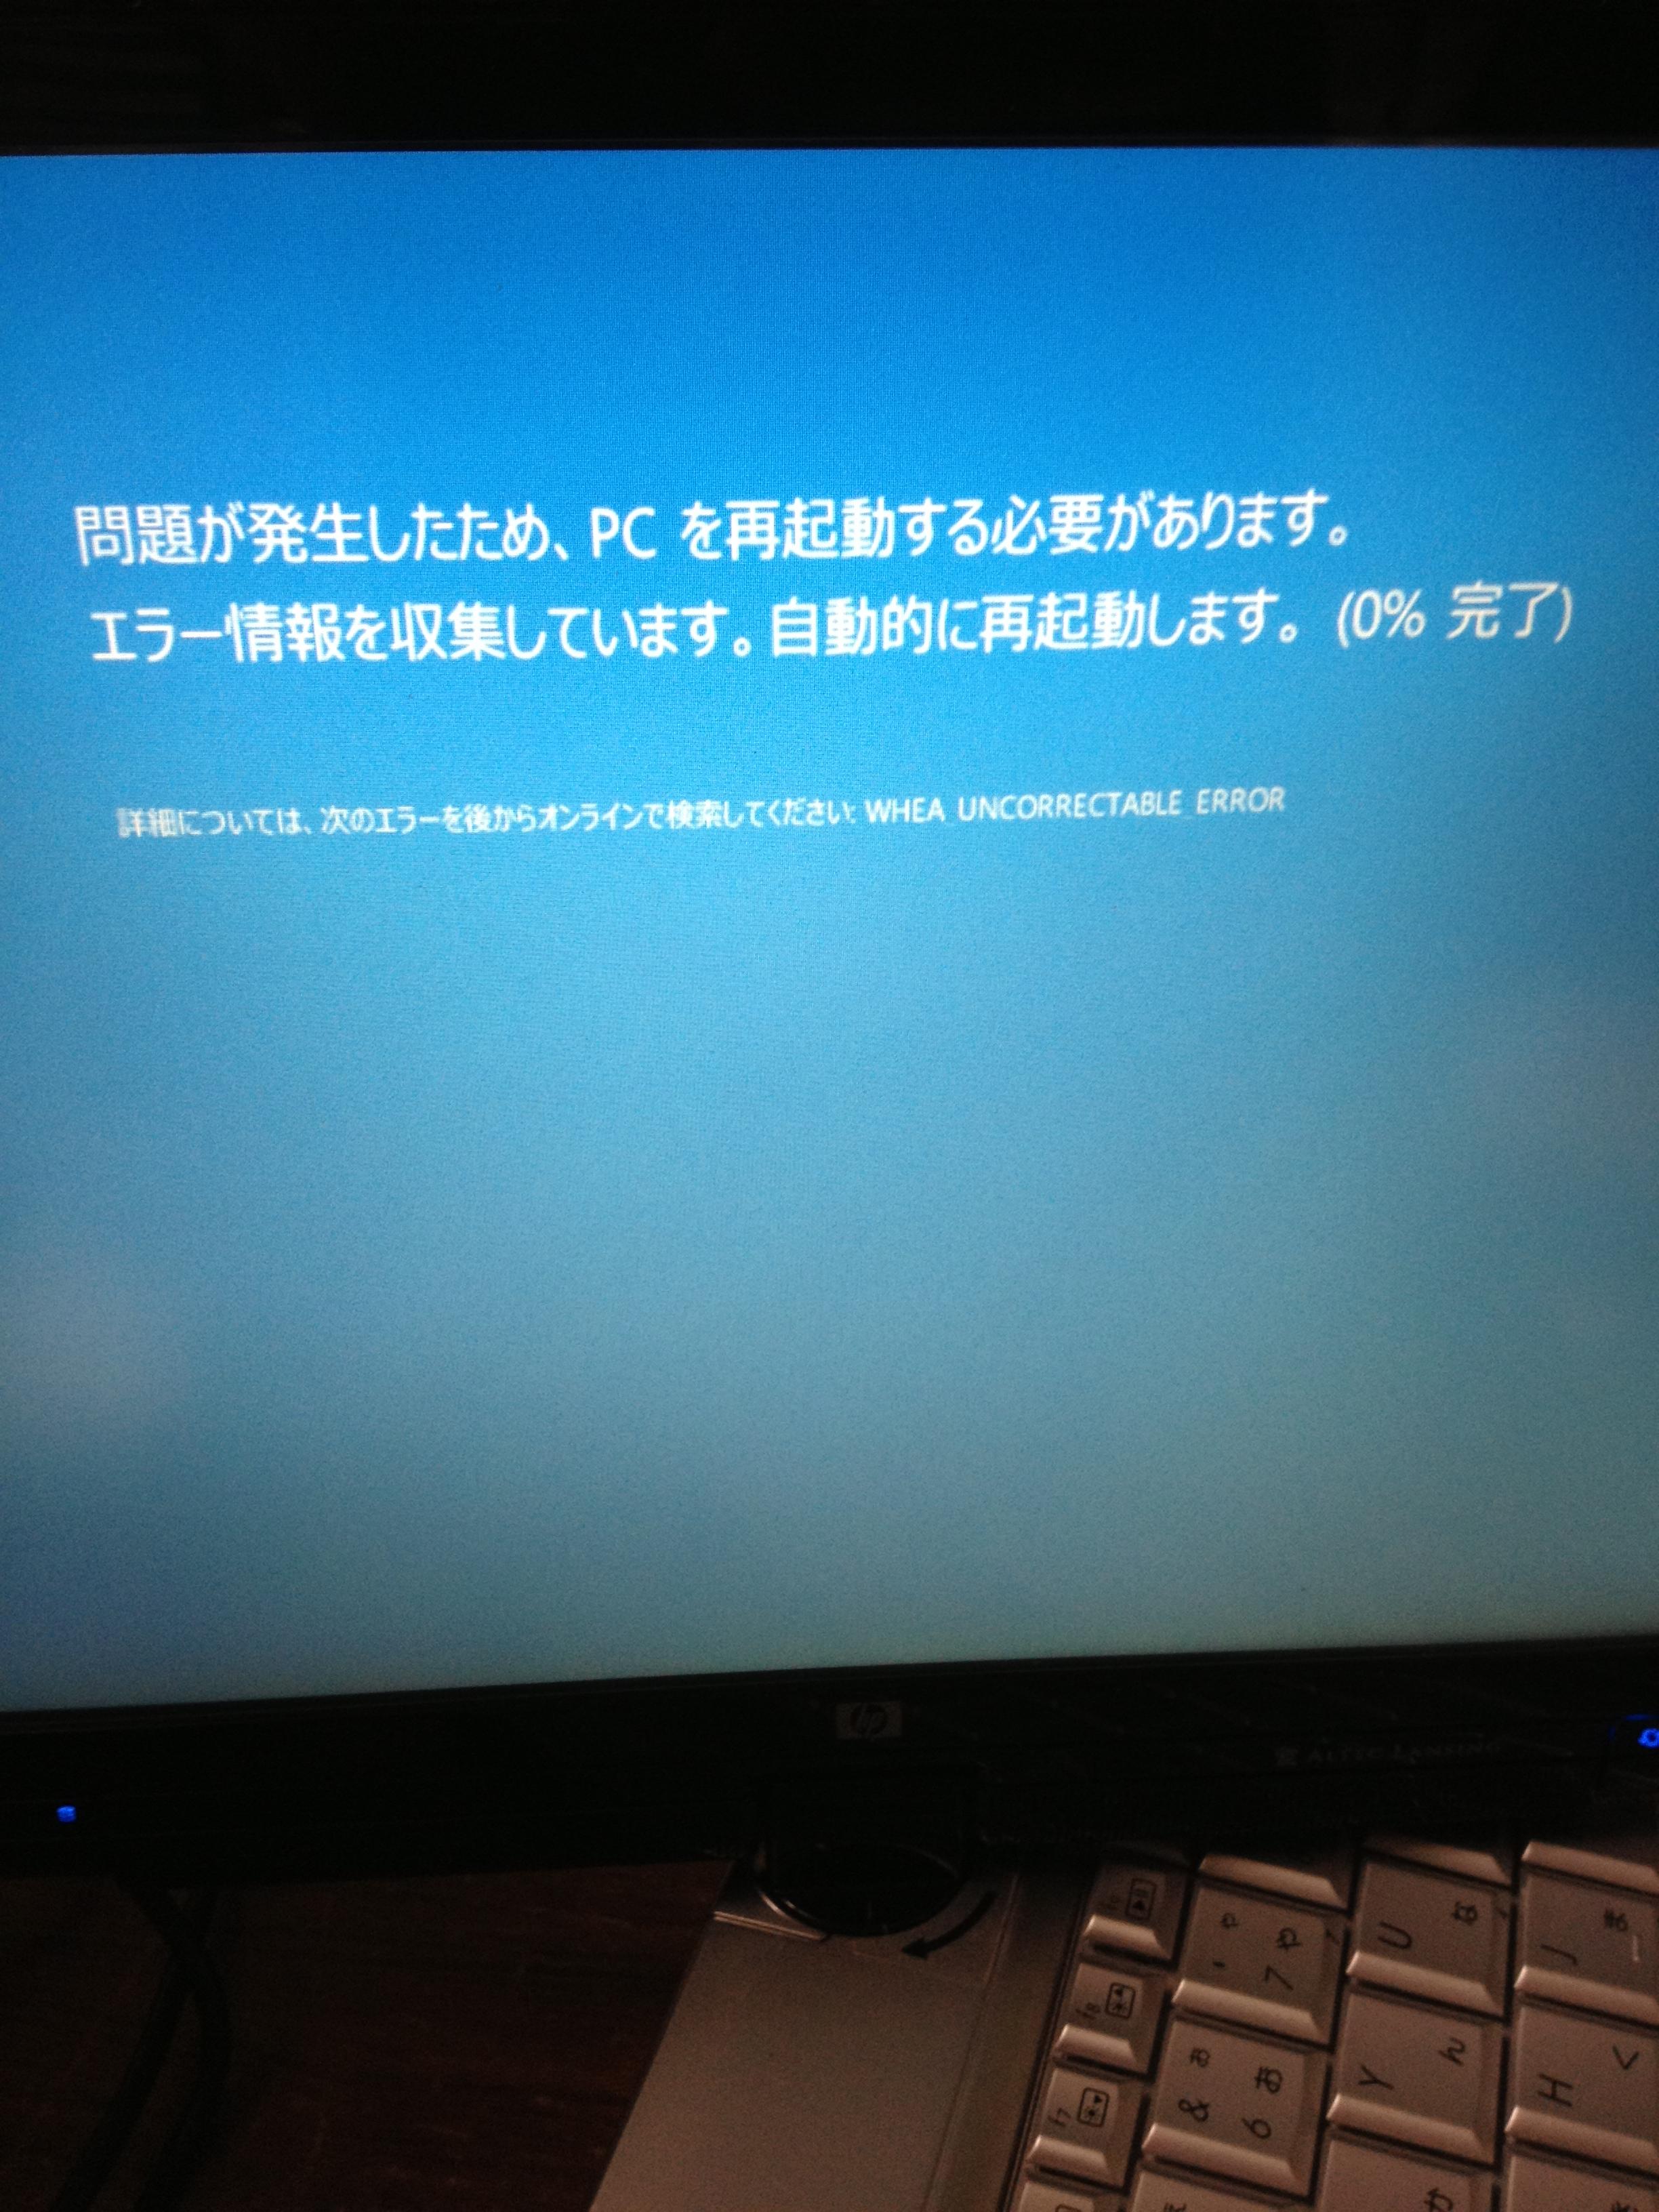 問題が発生したため,PCを再起動する必要があります.